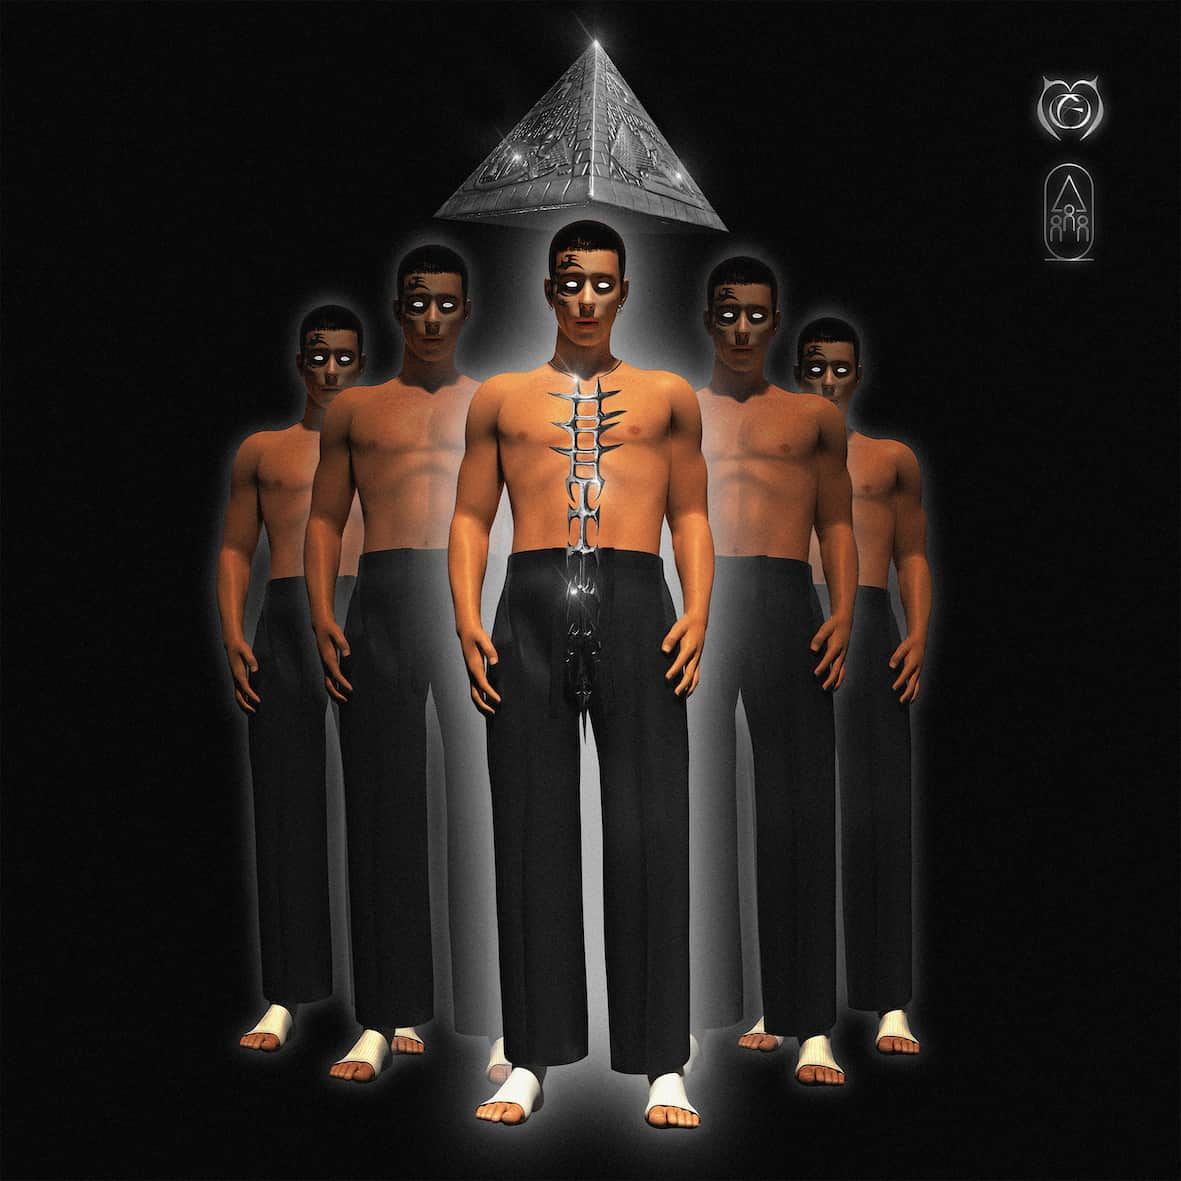 Esce oggi Klan il nuovo singolo di Mahmood che anticipa l'album Ghettolimpo